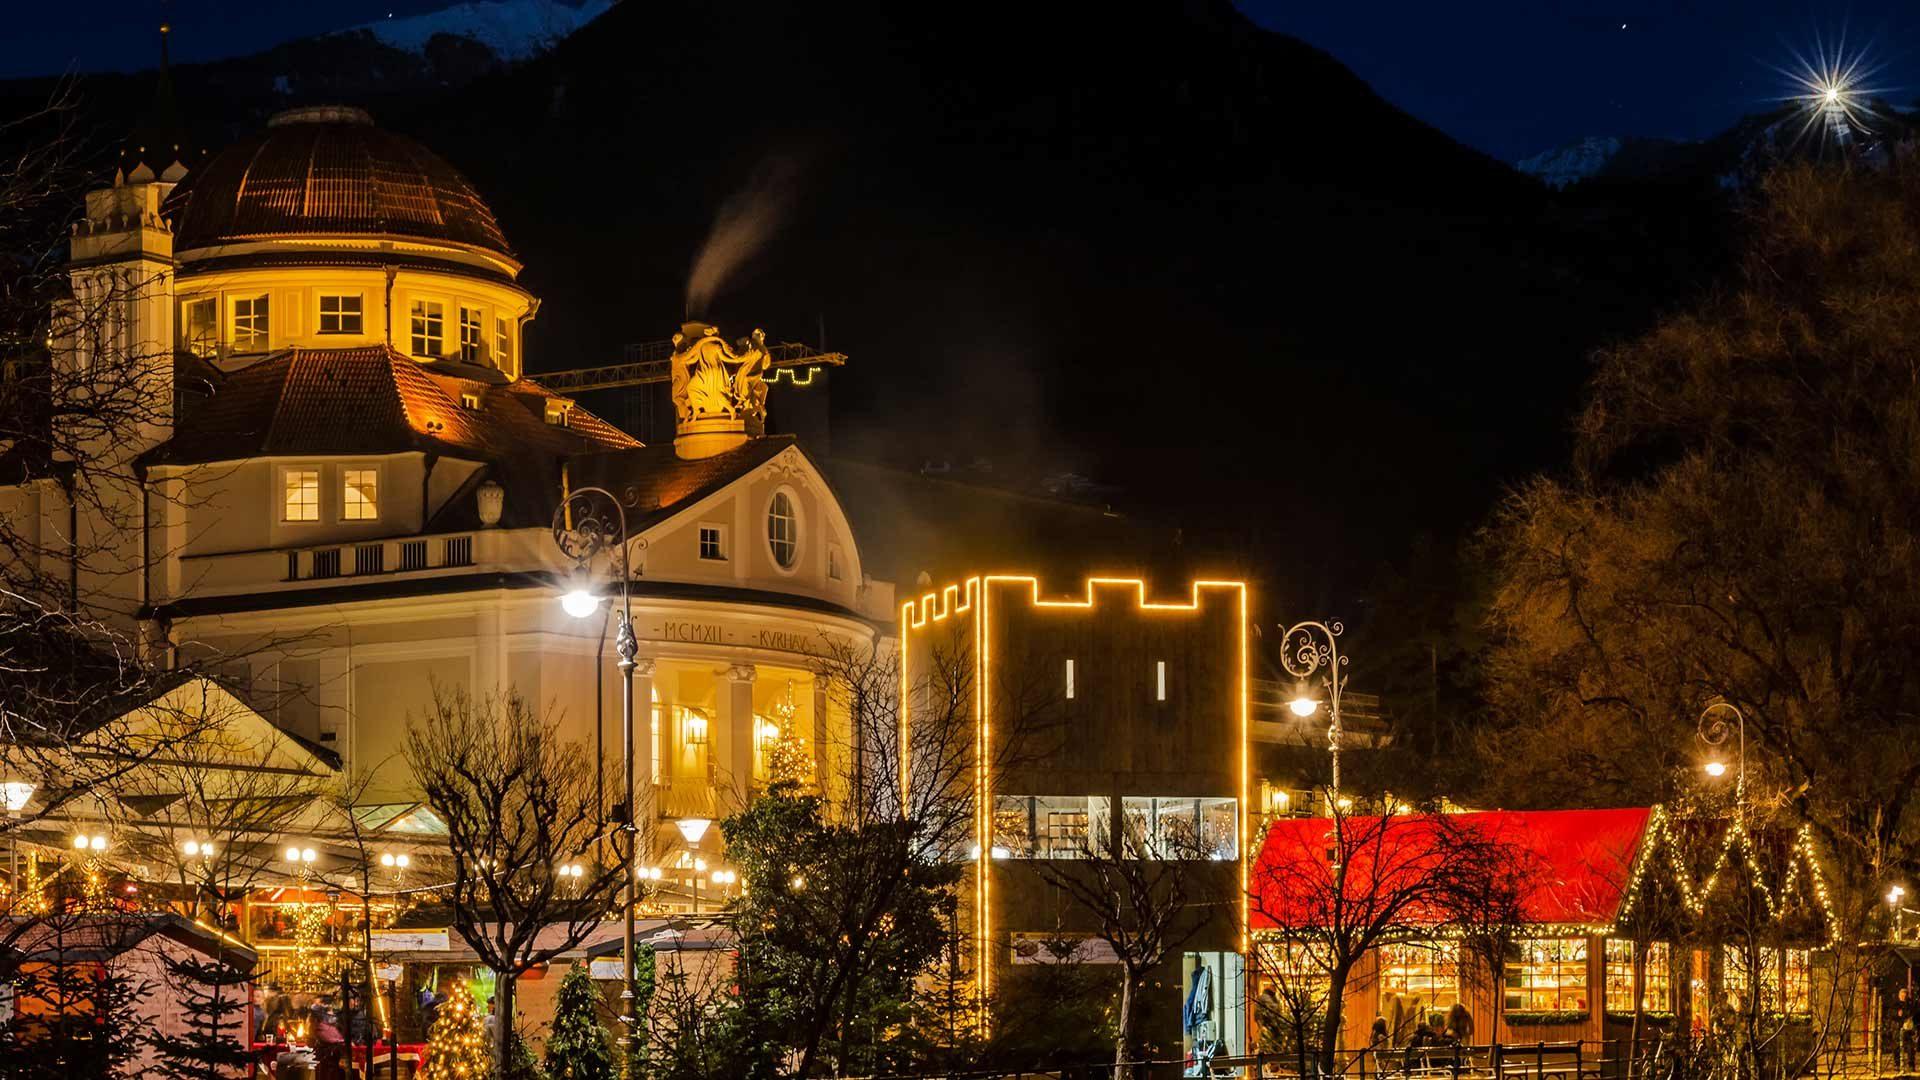 Atmosfera serale - Mercatino di Natale a Merano in Alto Adige